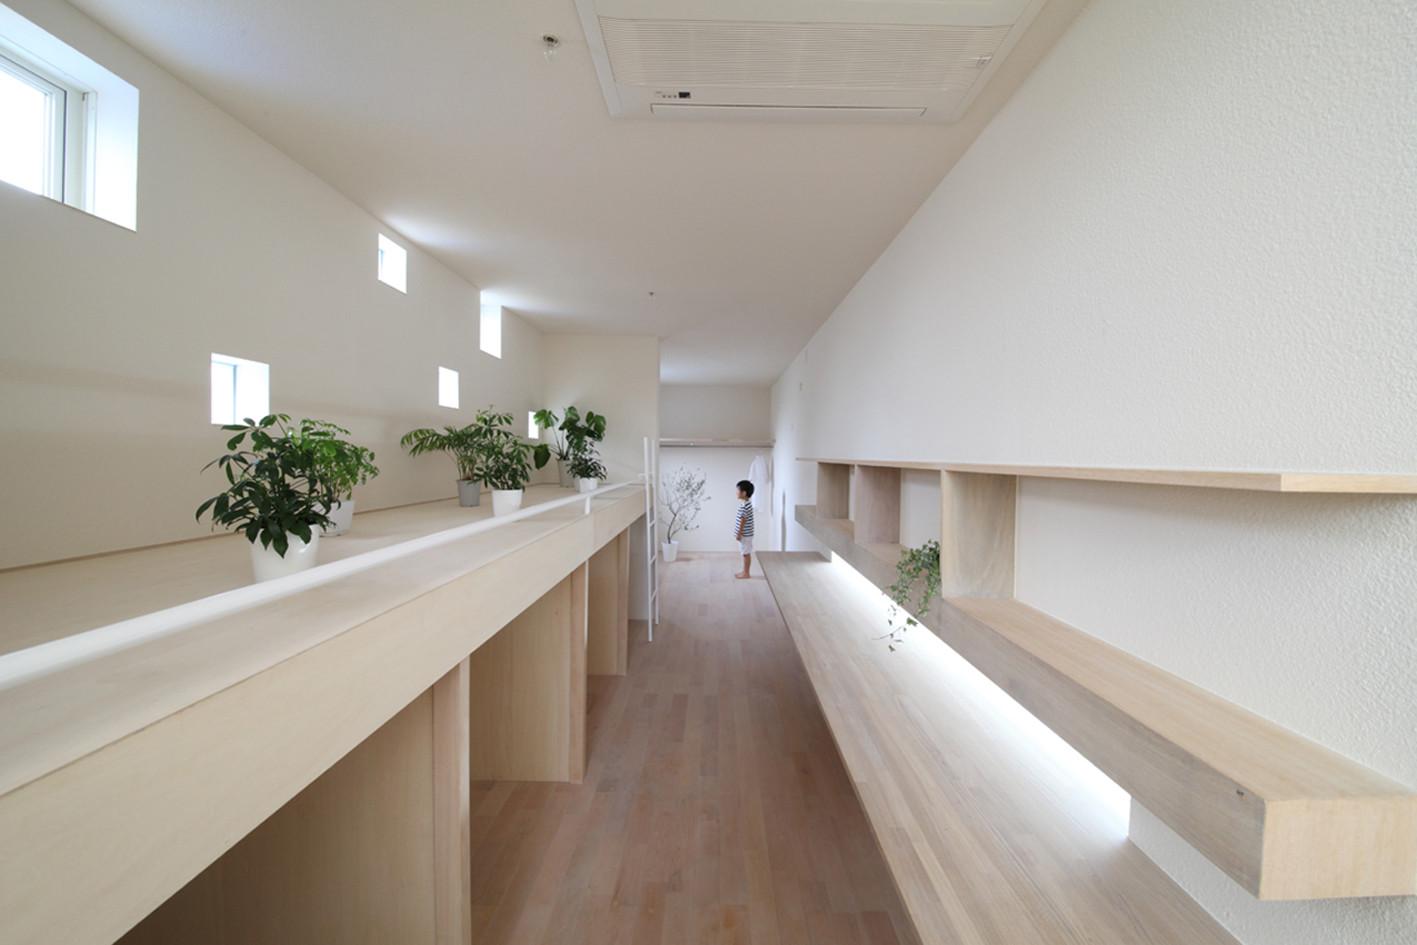 ImaI / Katsutoshi Sasaki + Associates, Courtesy of Katsutoshi Sasaki + Associates